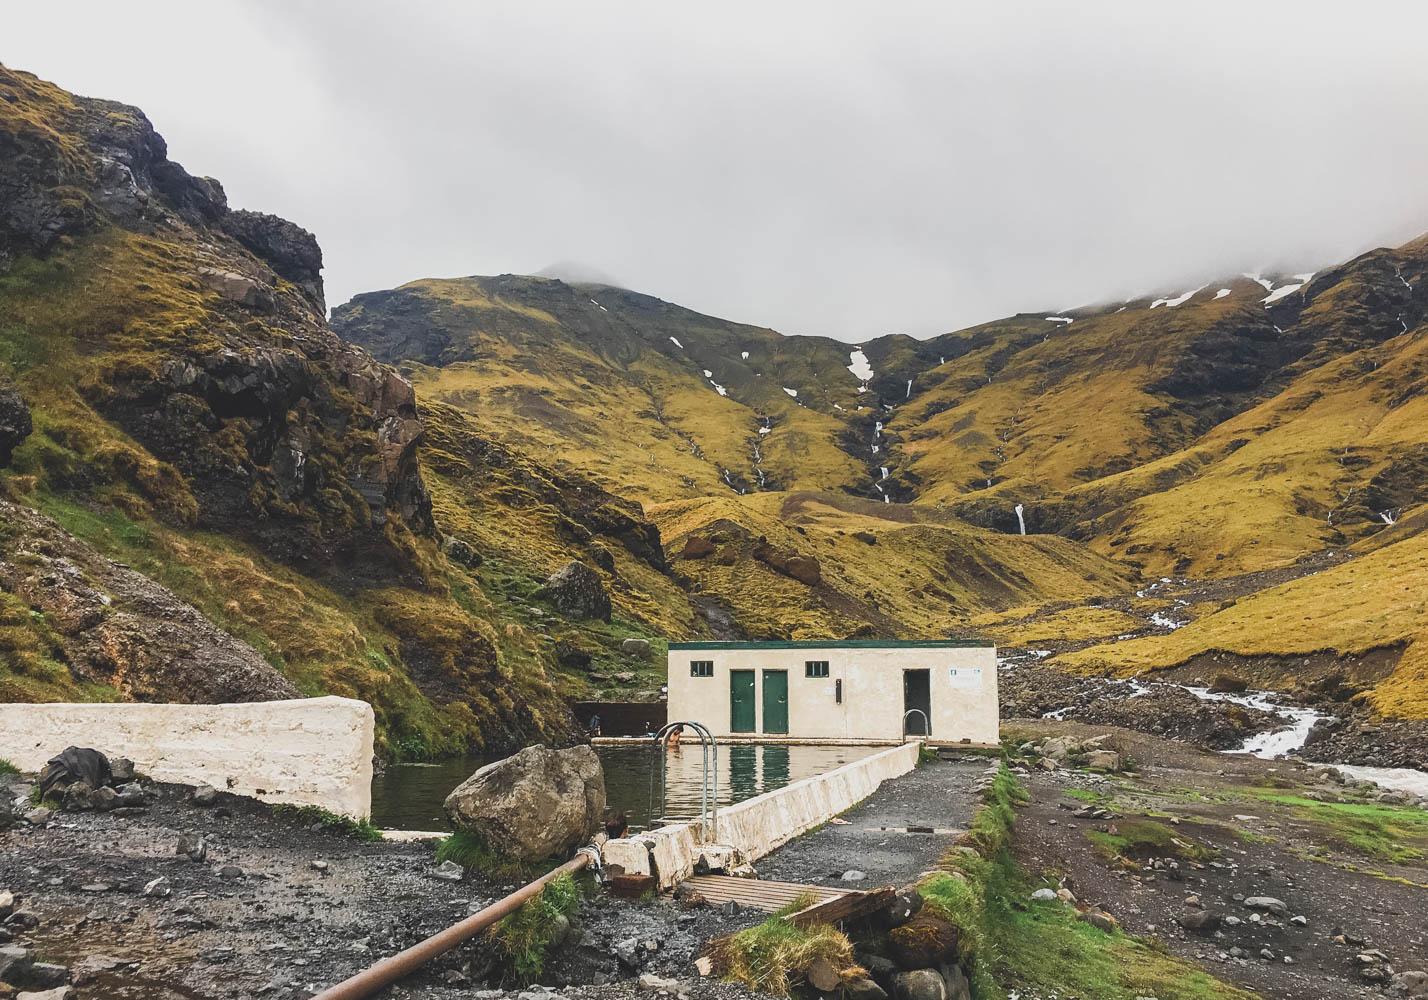 Seljavallalaug - kuuma lähde - islanti